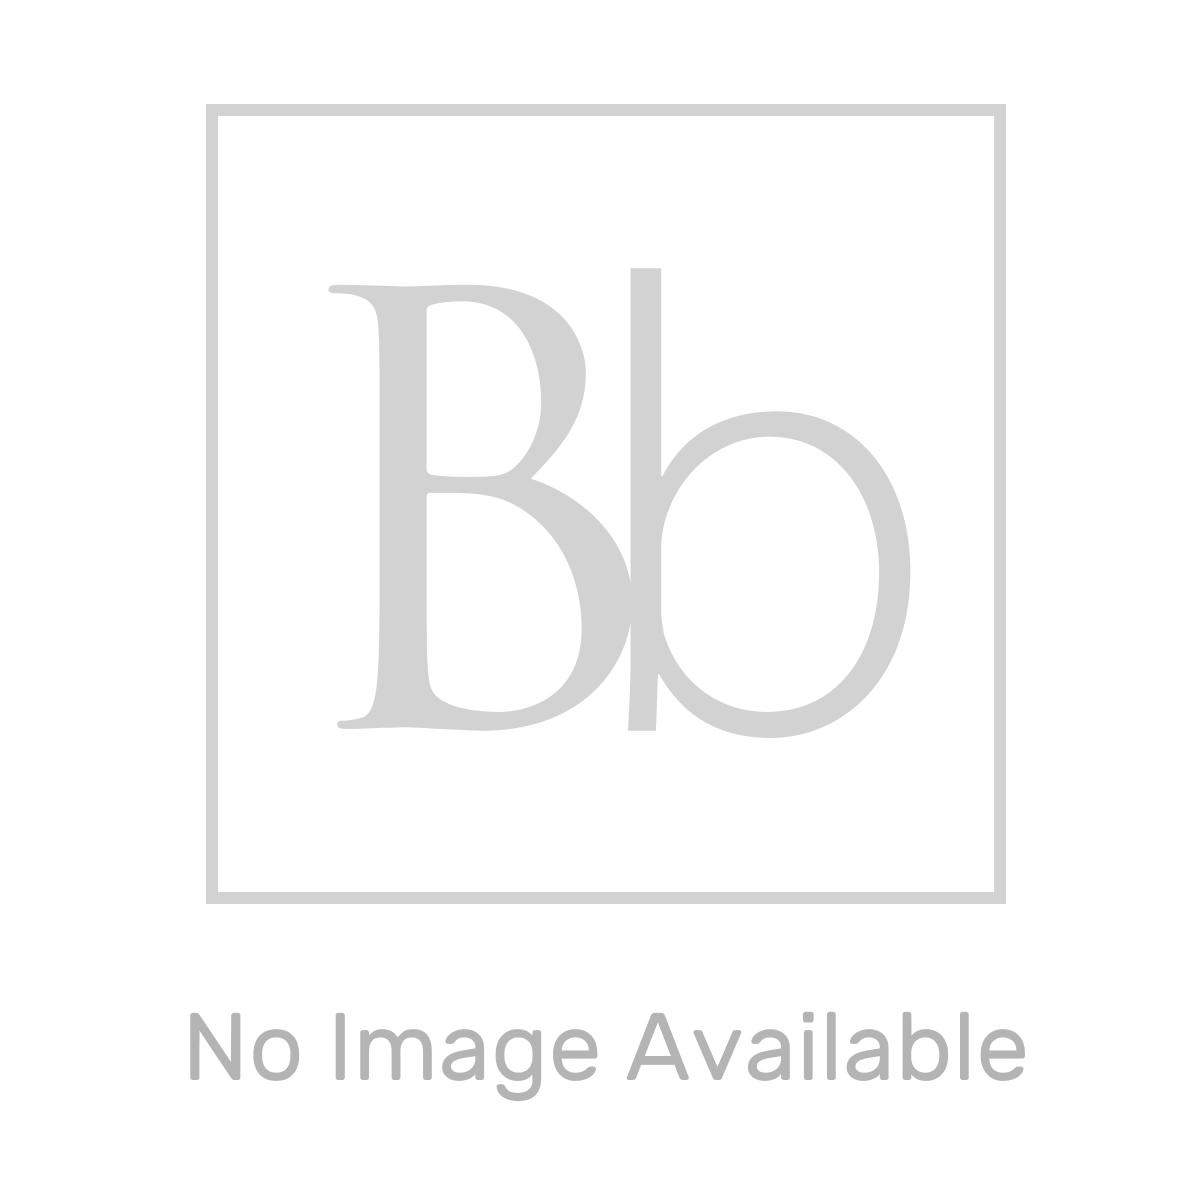 Croydex Silver Mosaic PVC Shower Curtain Detail